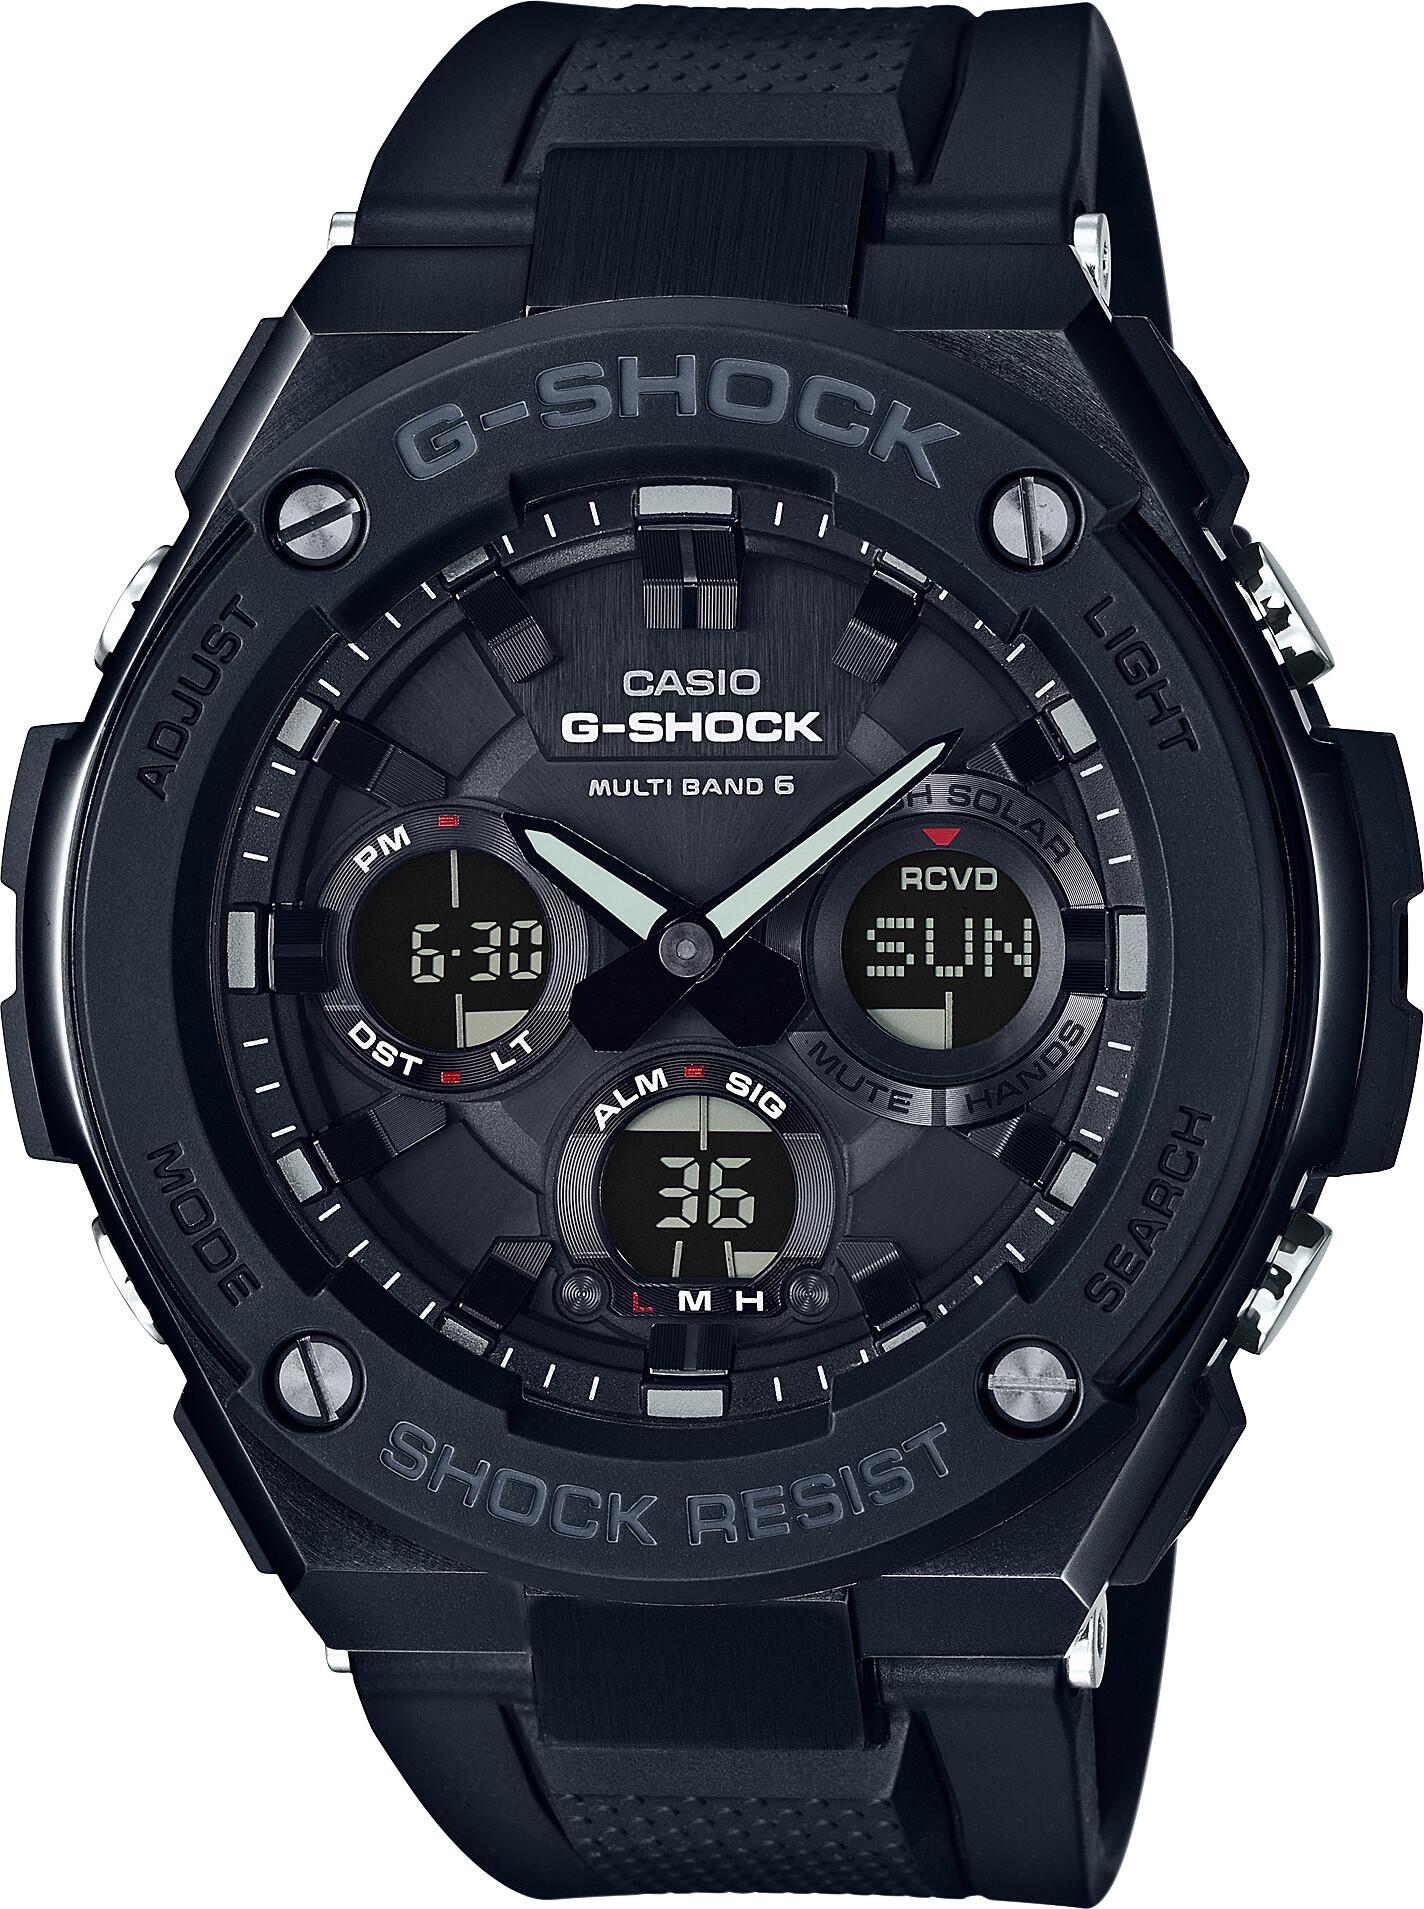 CASIO G-SHOCK GST-W100G-1BER Ur Herrer, black (2019)   Sports watches